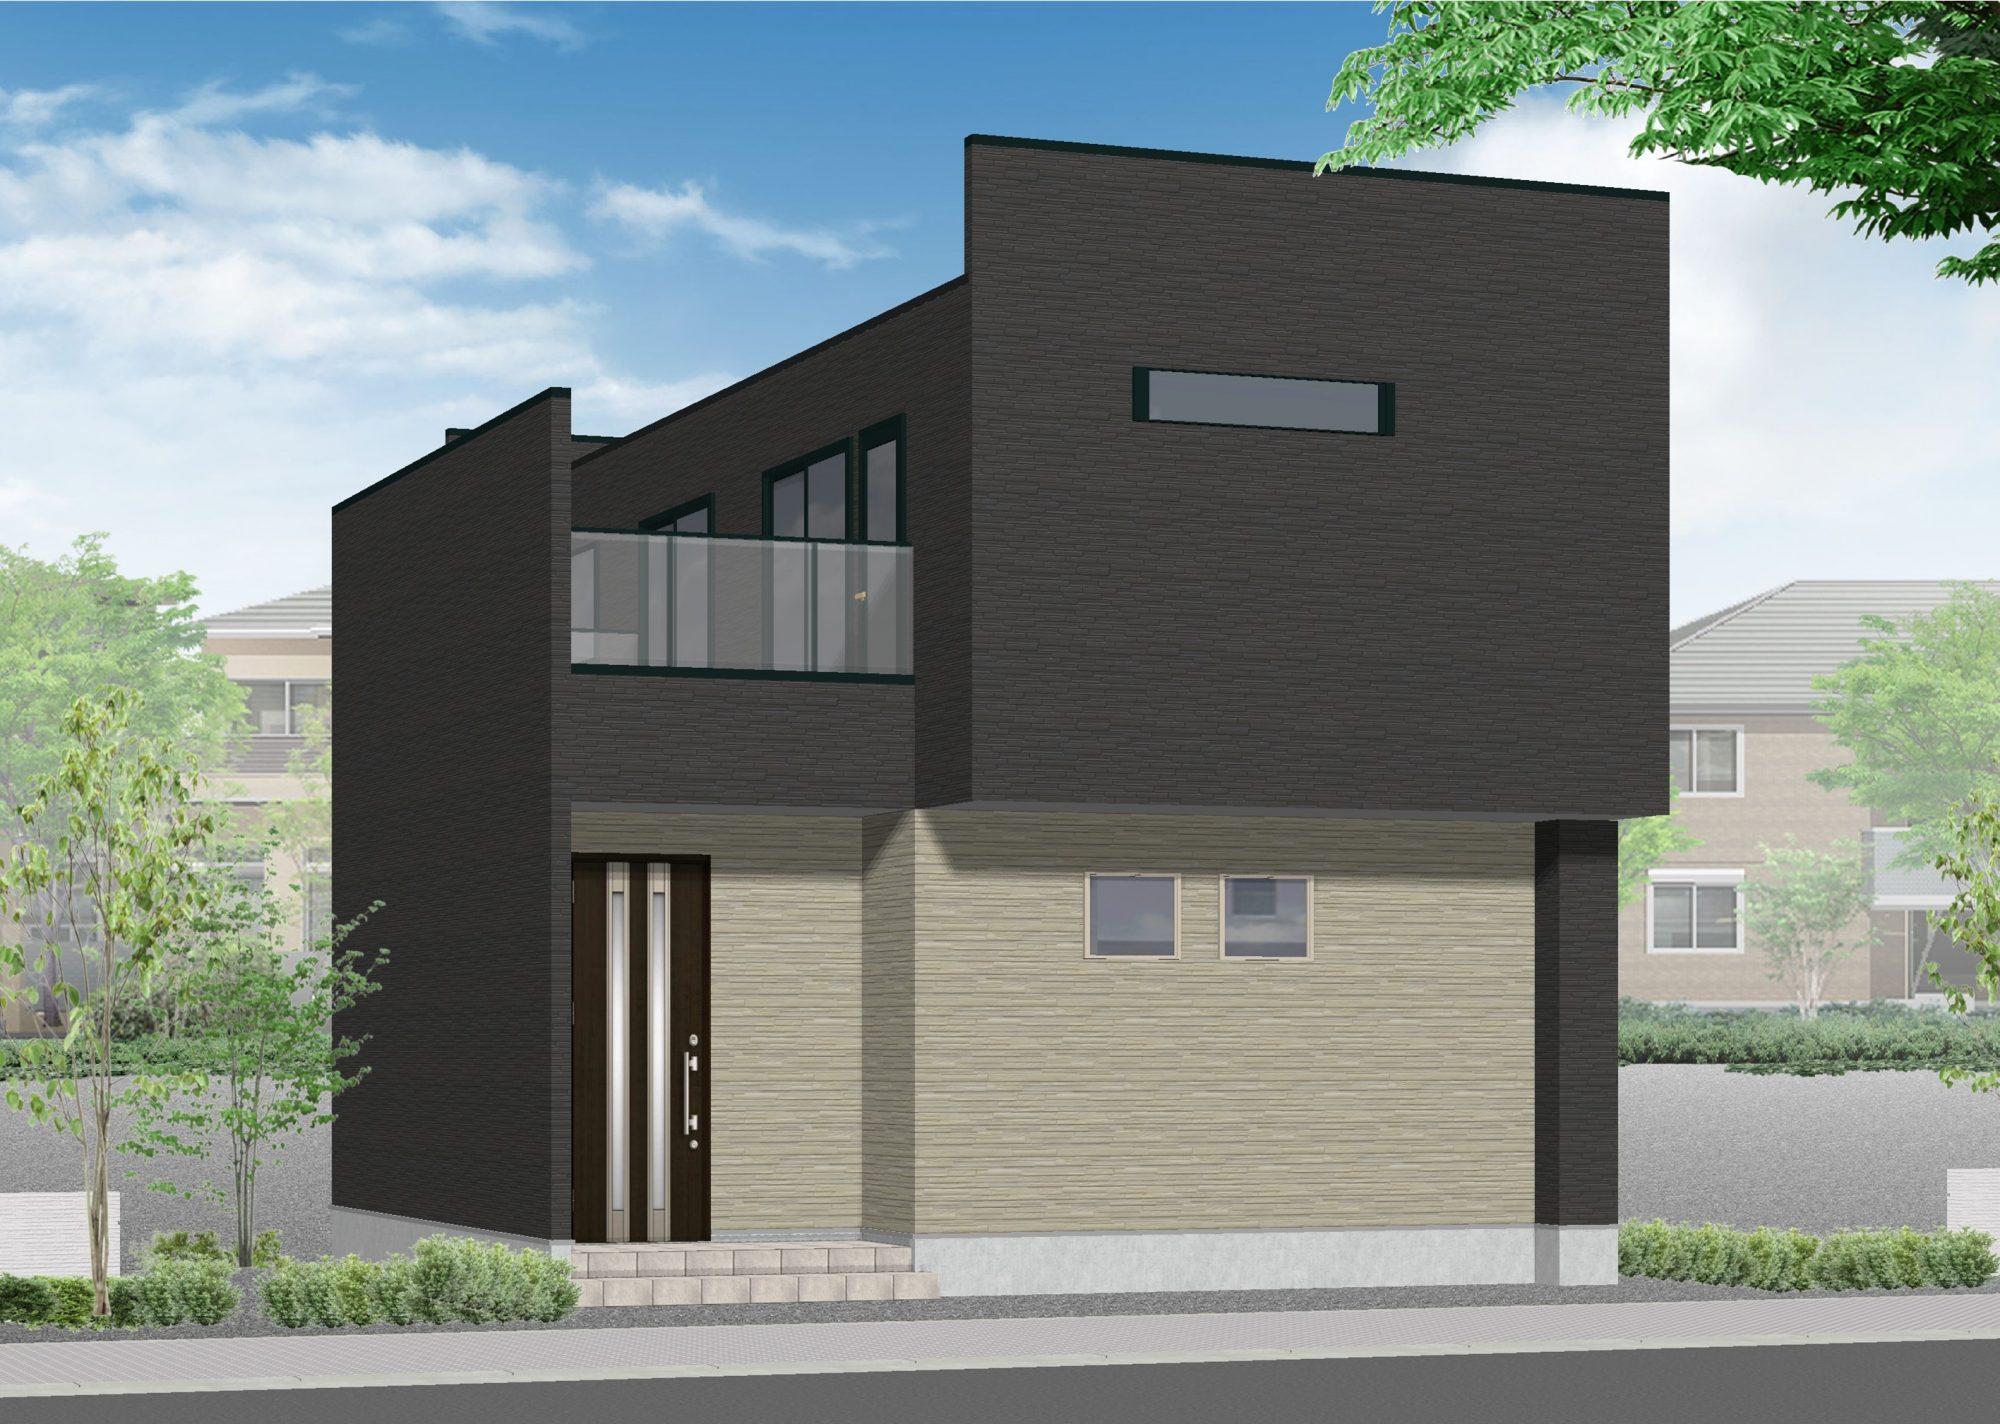 外観はオーバーハングやビックバルコニー、パラペットなどで整えます。宅盤は高めに設定しており側溝+1268㎜の床FLで設計。